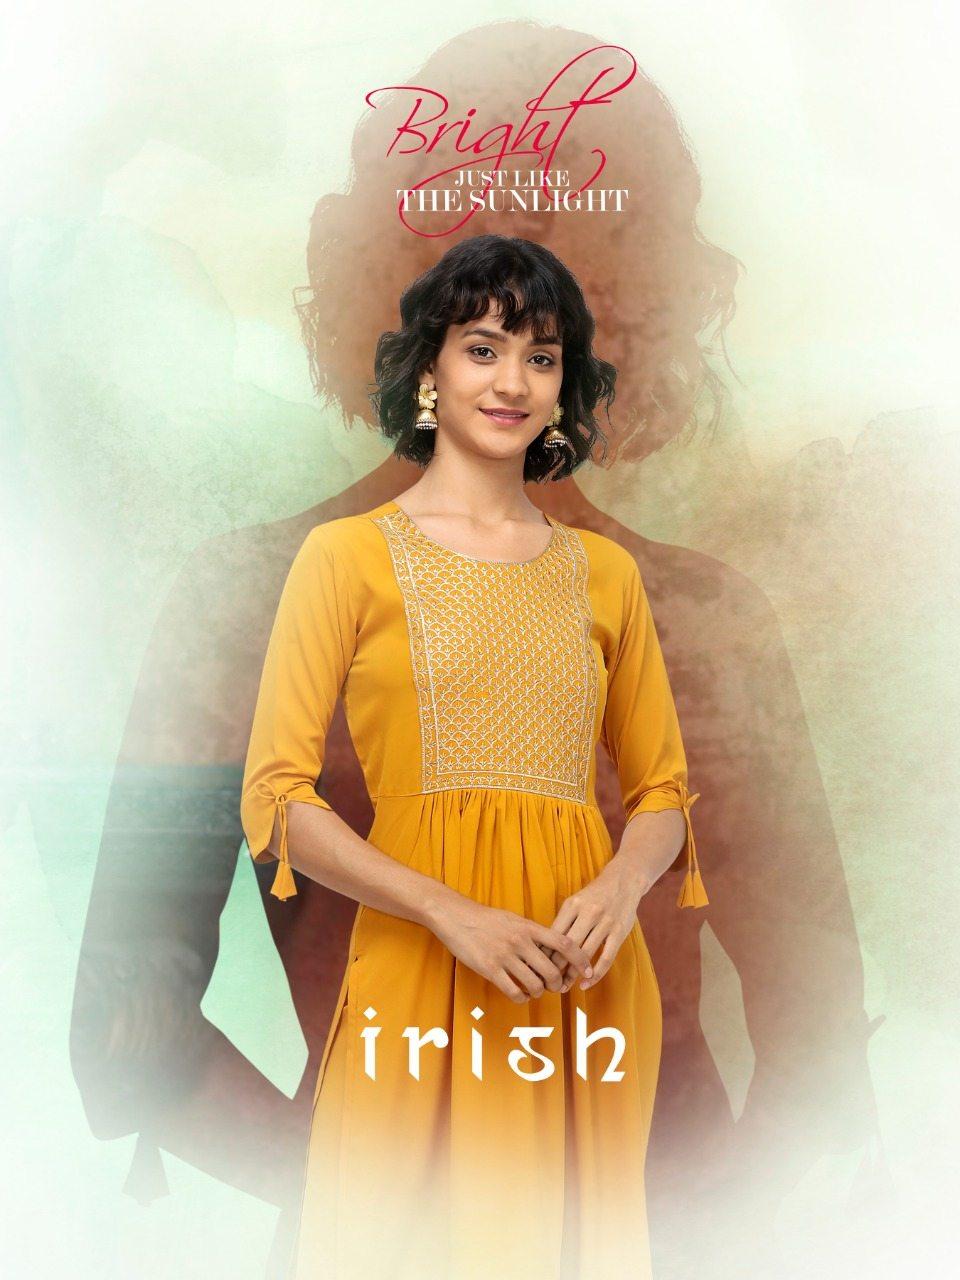 Syasii-Irish-1